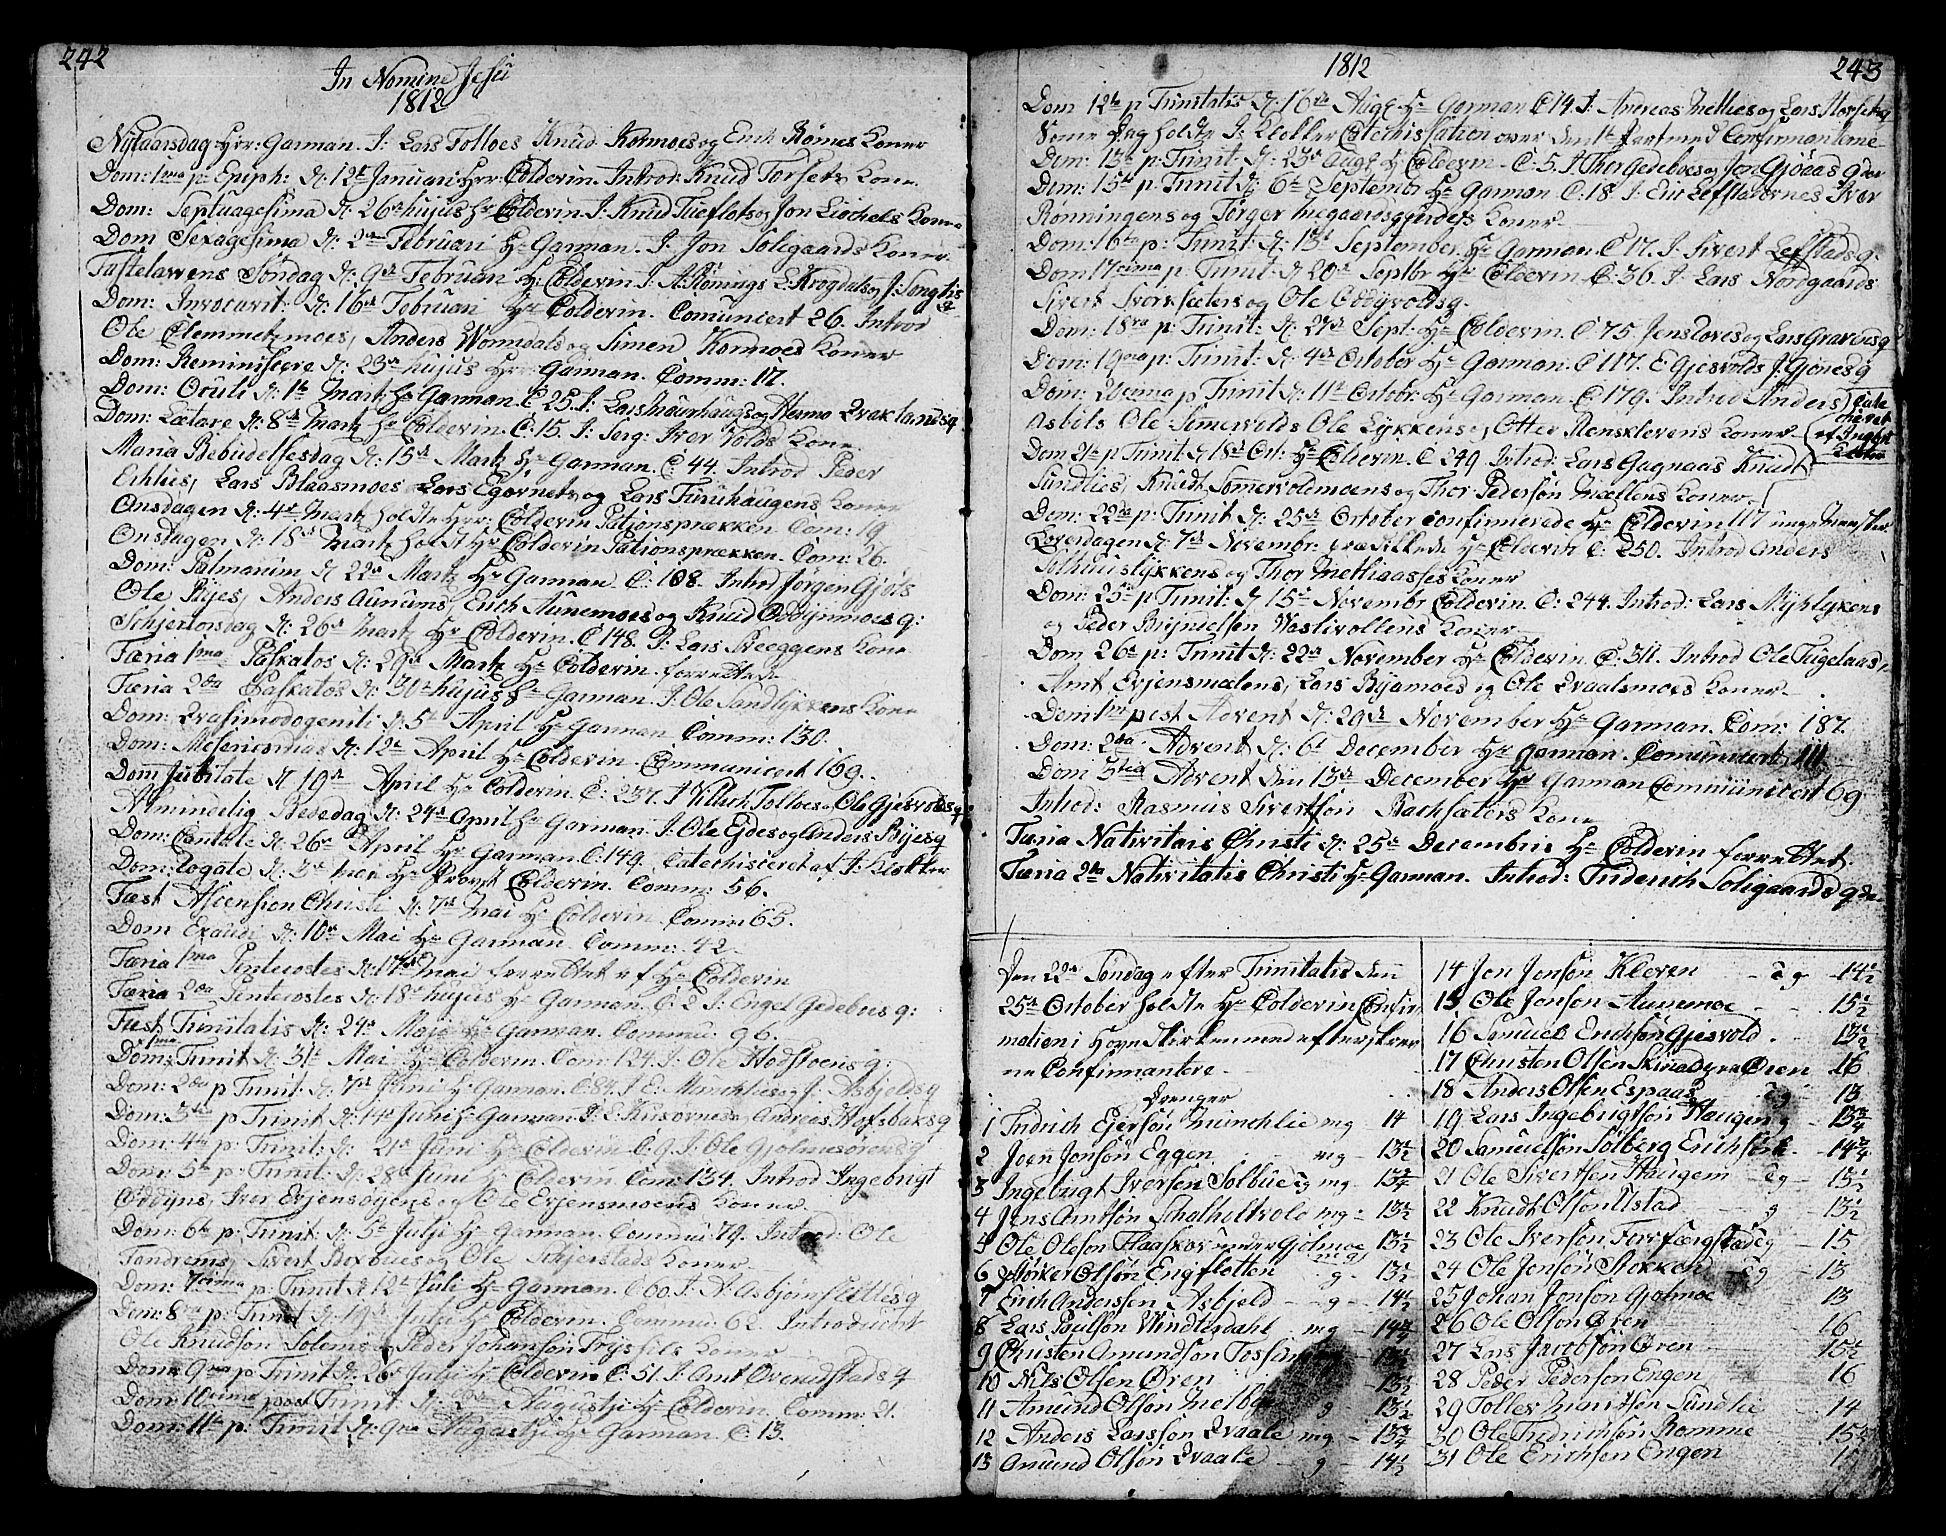 SAT, Ministerialprotokoller, klokkerbøker og fødselsregistre - Sør-Trøndelag, 668/L0815: Klokkerbok nr. 668C04, 1791-1815, s. 242-243